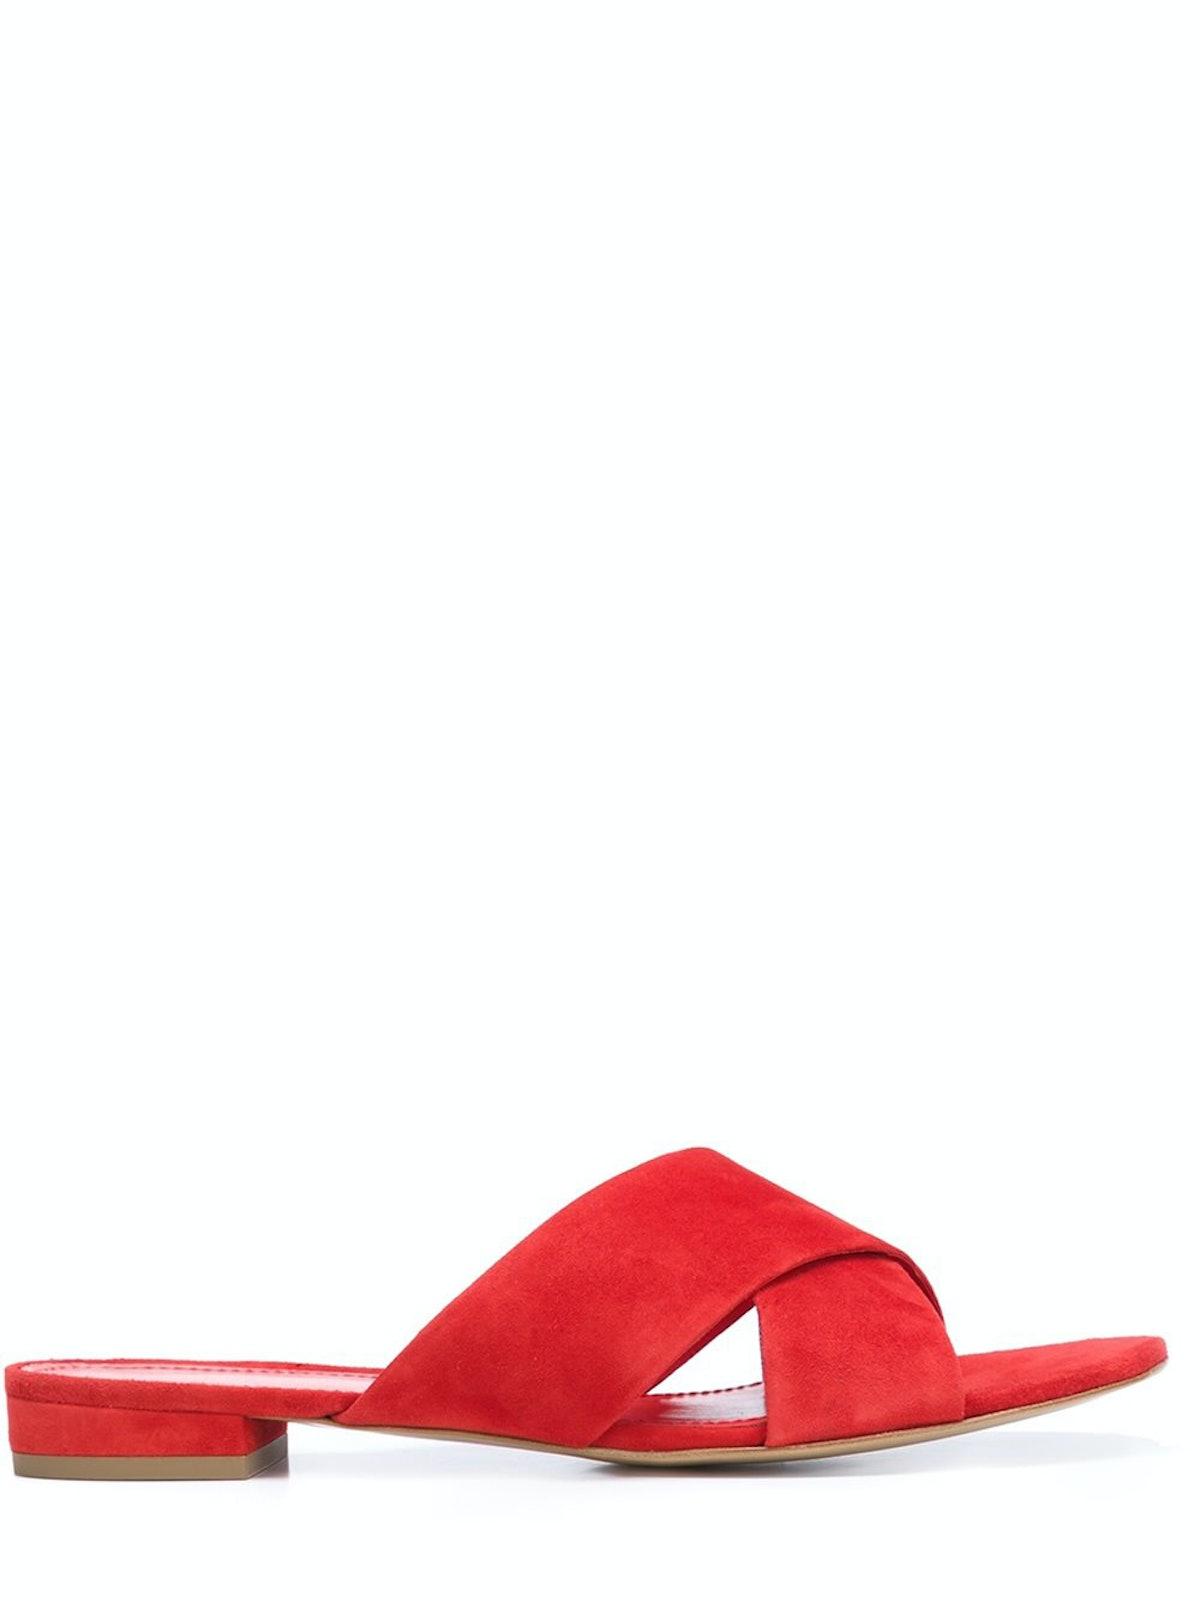 KirnaZabete-Mansur-Gavriel-Strap-Flat-Sandals-31.jpg